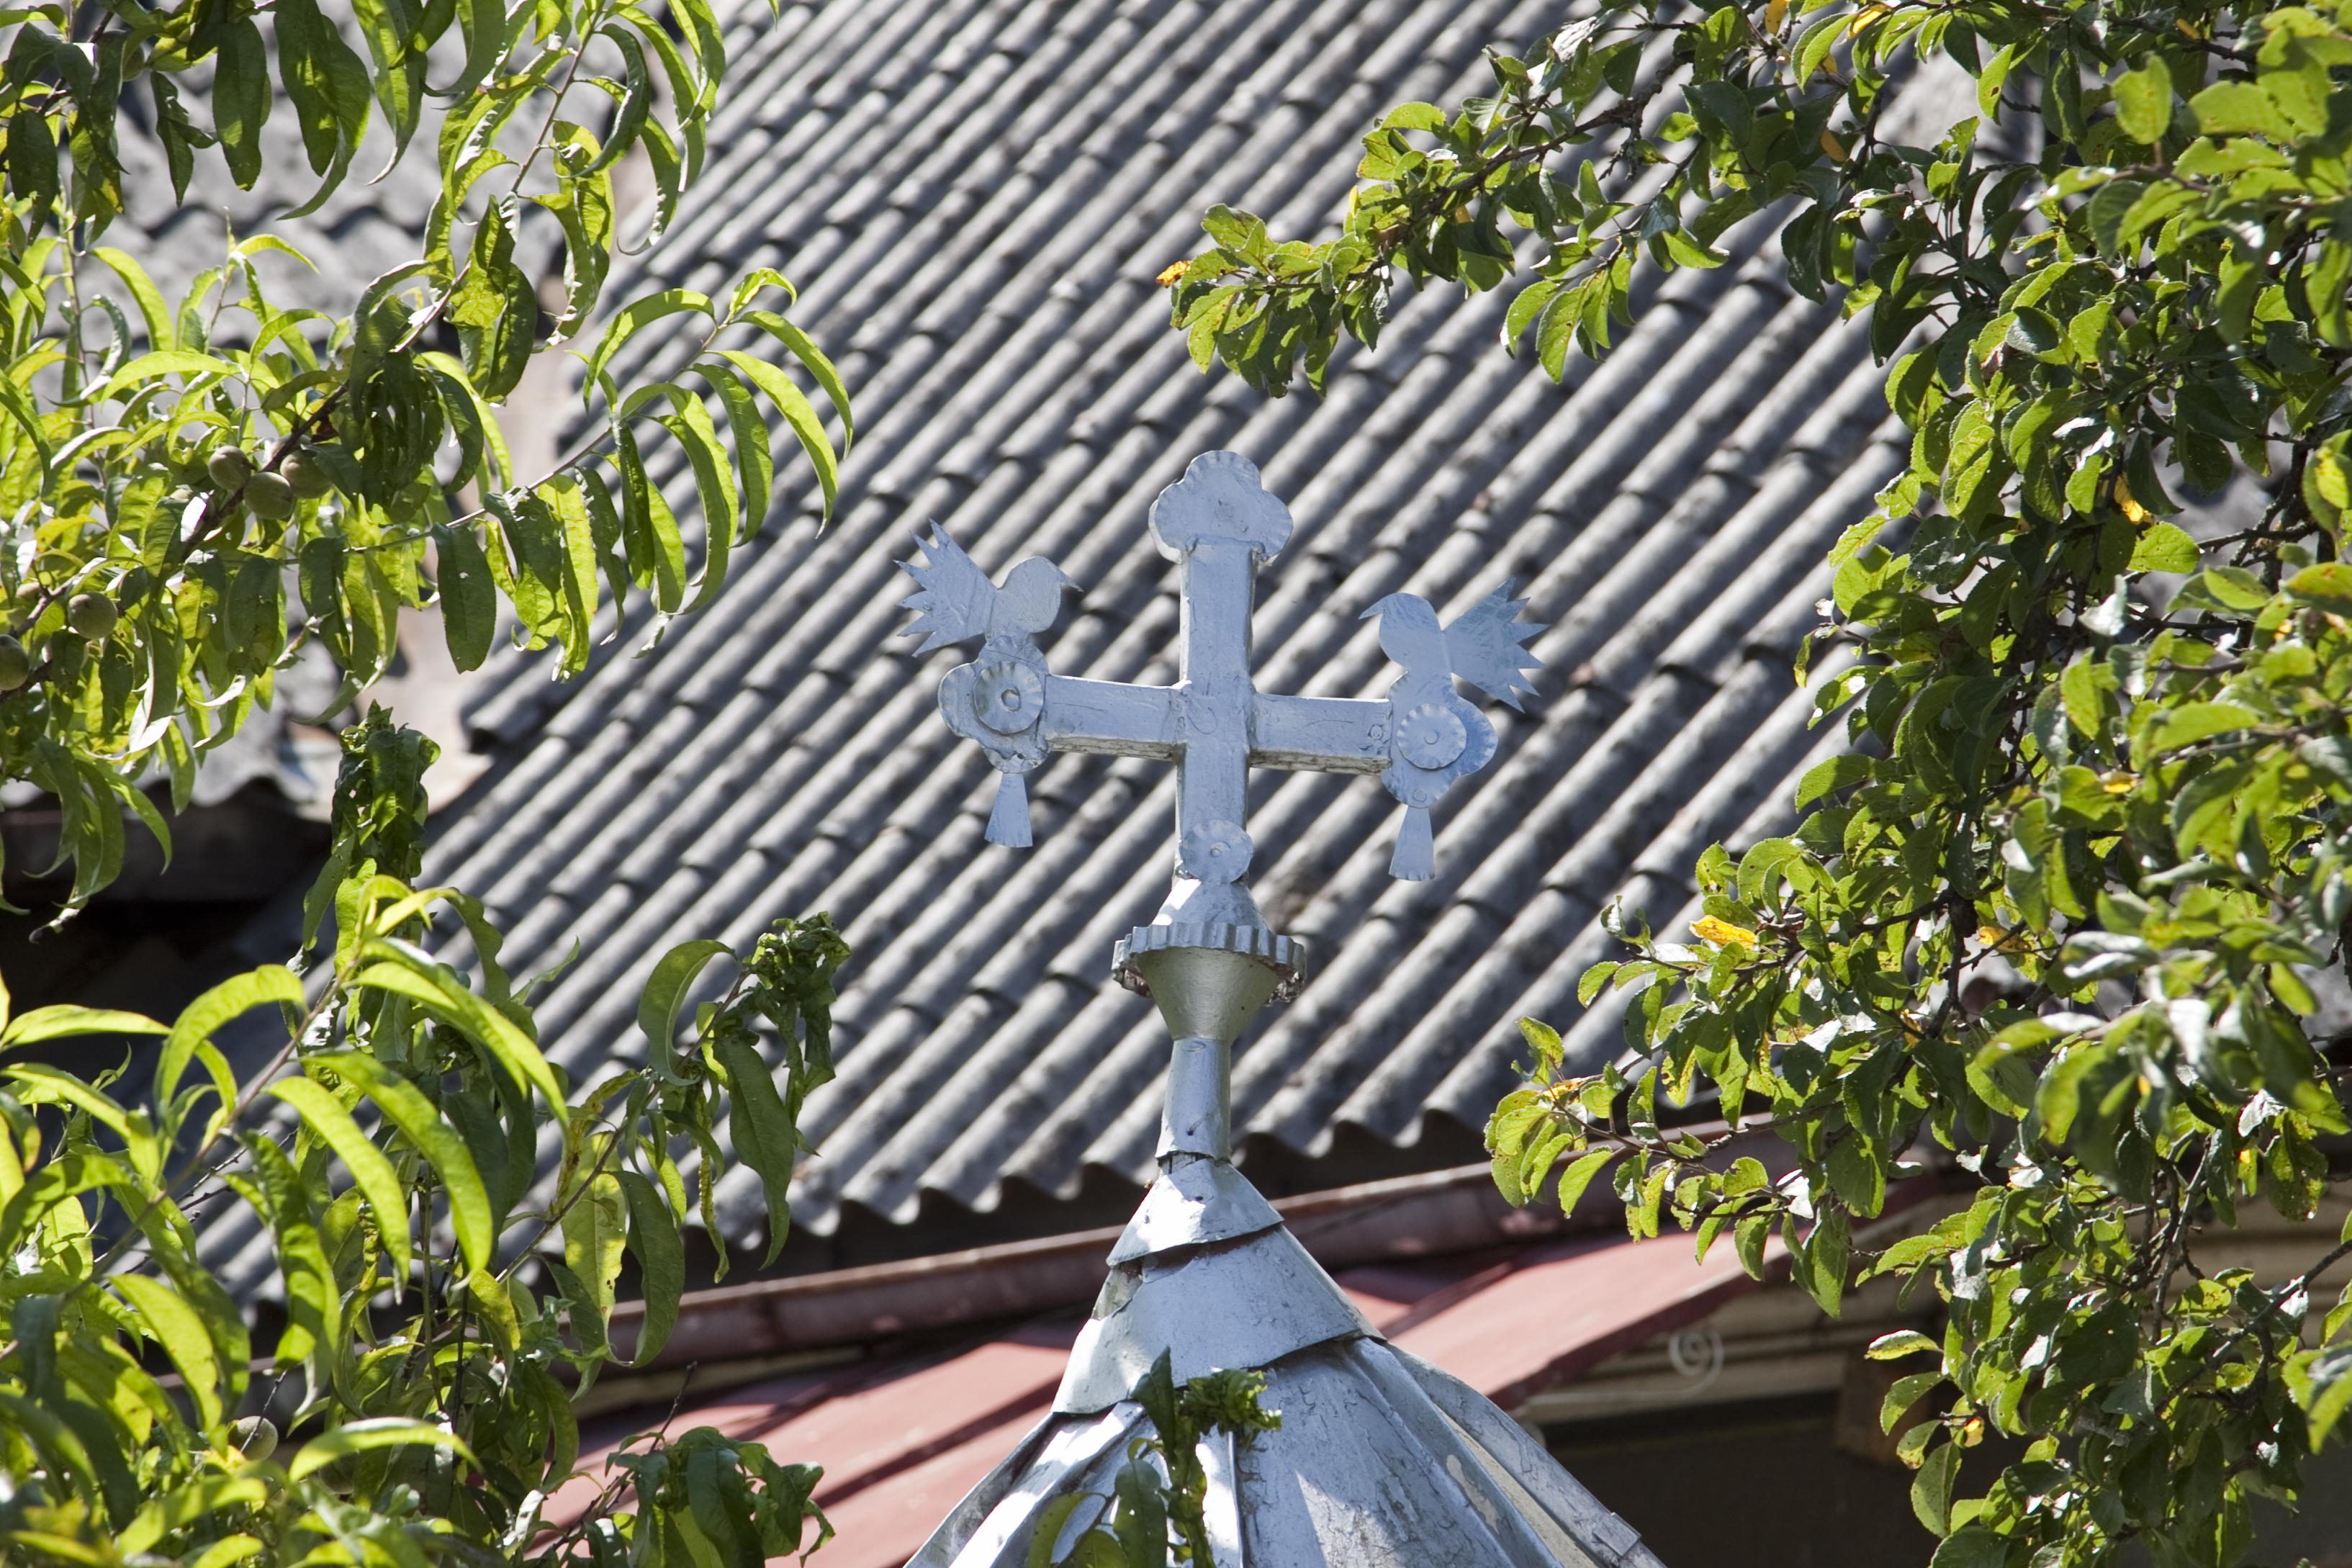 4.Cruce pe acoperiș de fântână ca pom al Raiului, cu cele două păsărele, în localitatea Rohia, Județul Maramureș.